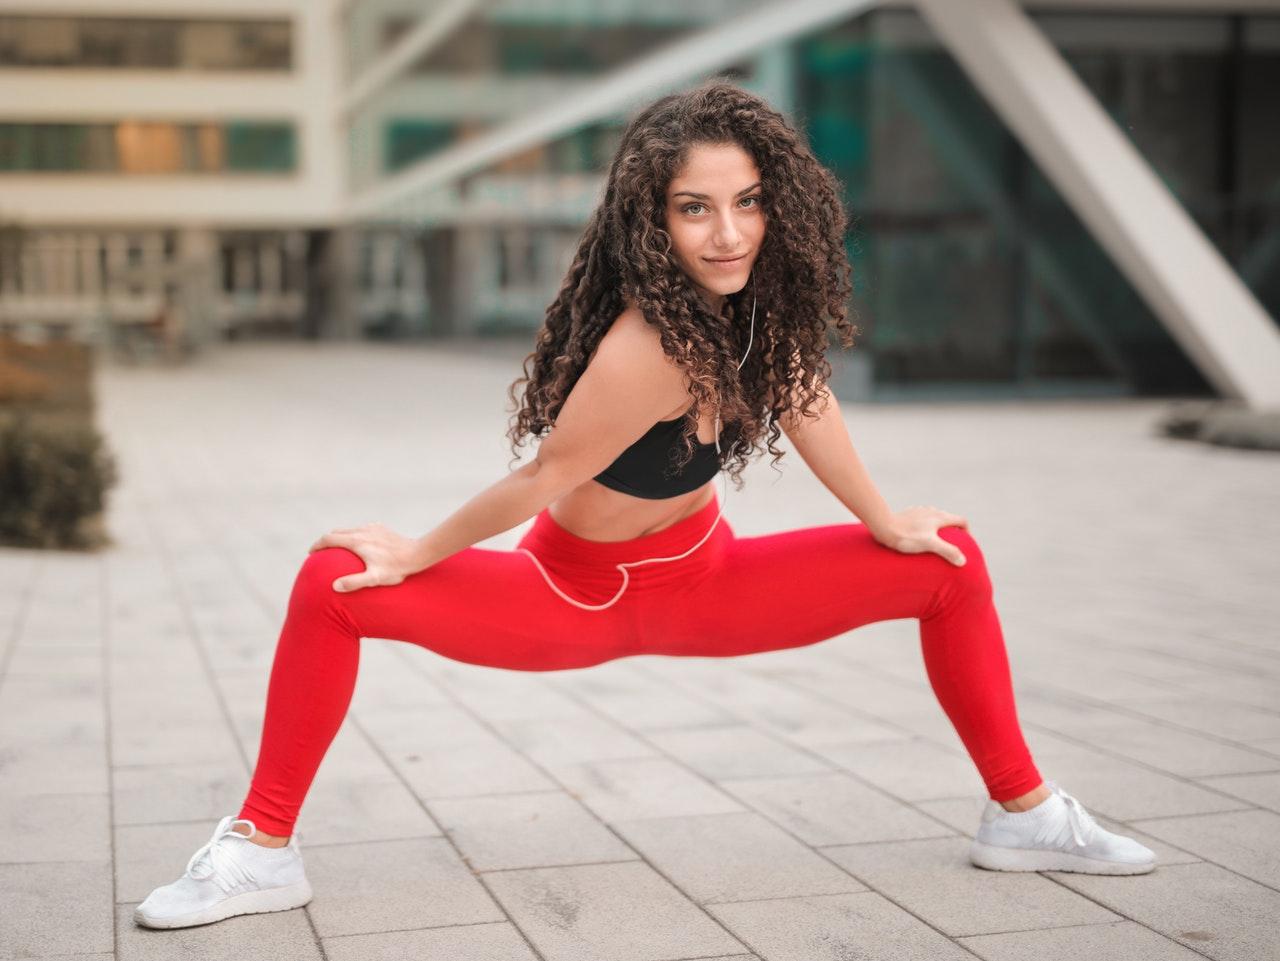 kvinde i god form